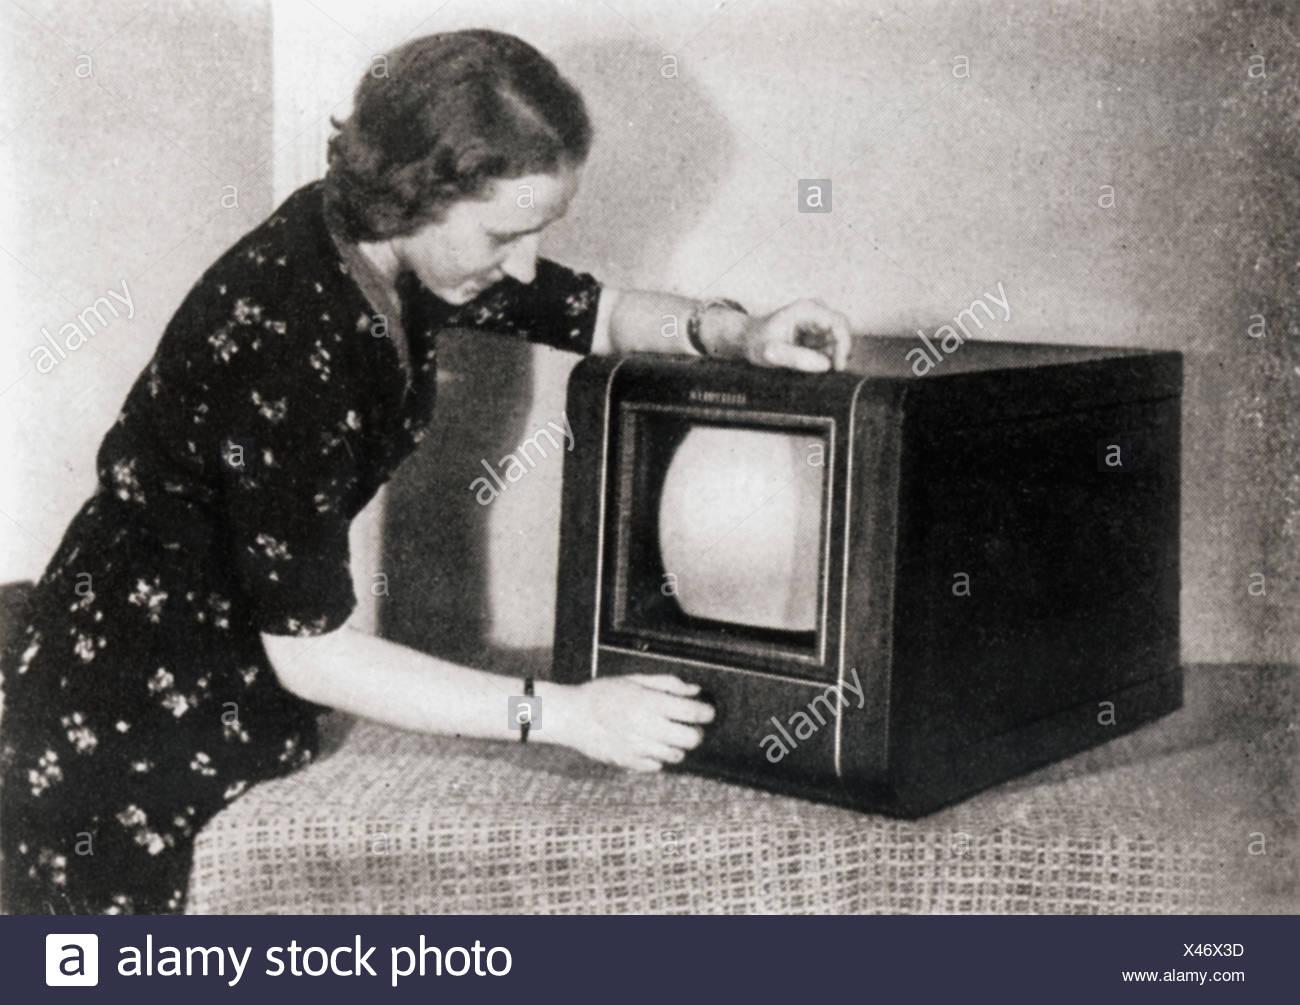 Telefunken Germany 1930s Stock Photos & Telefunken Germany 1930s